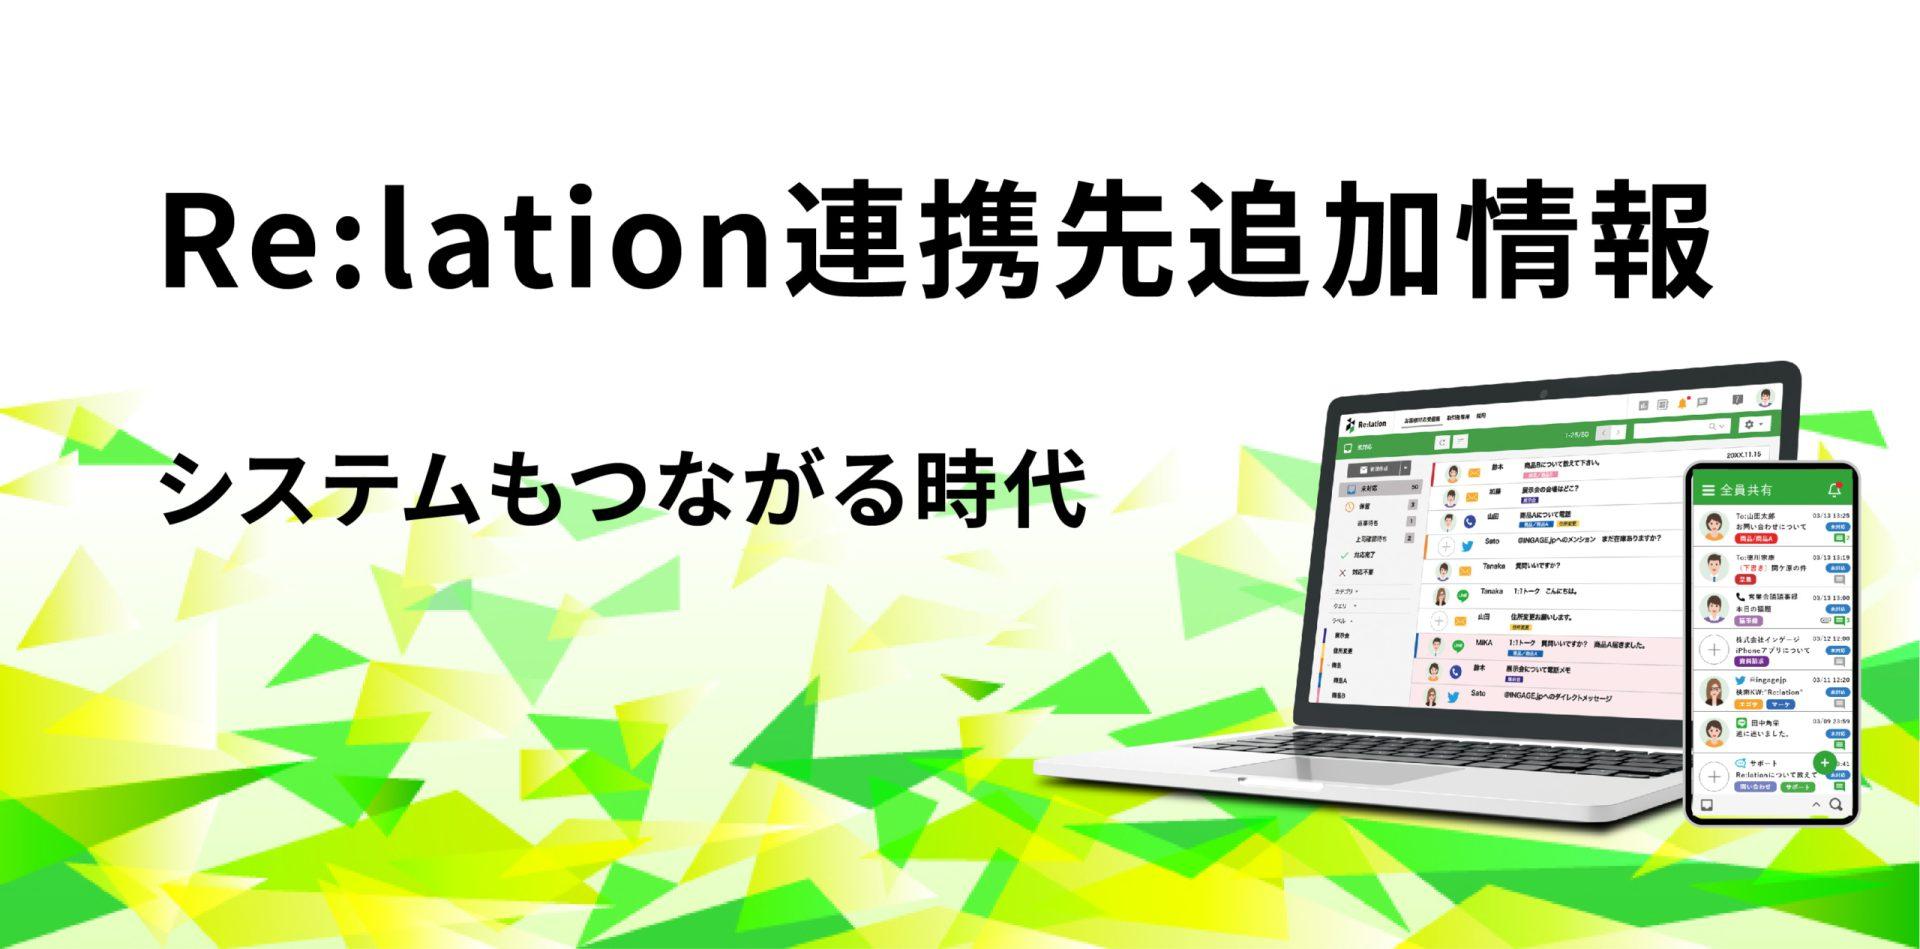 顧客対応ツール『Re:lation』がクラウド型コールシステム『GoodCall』と連携